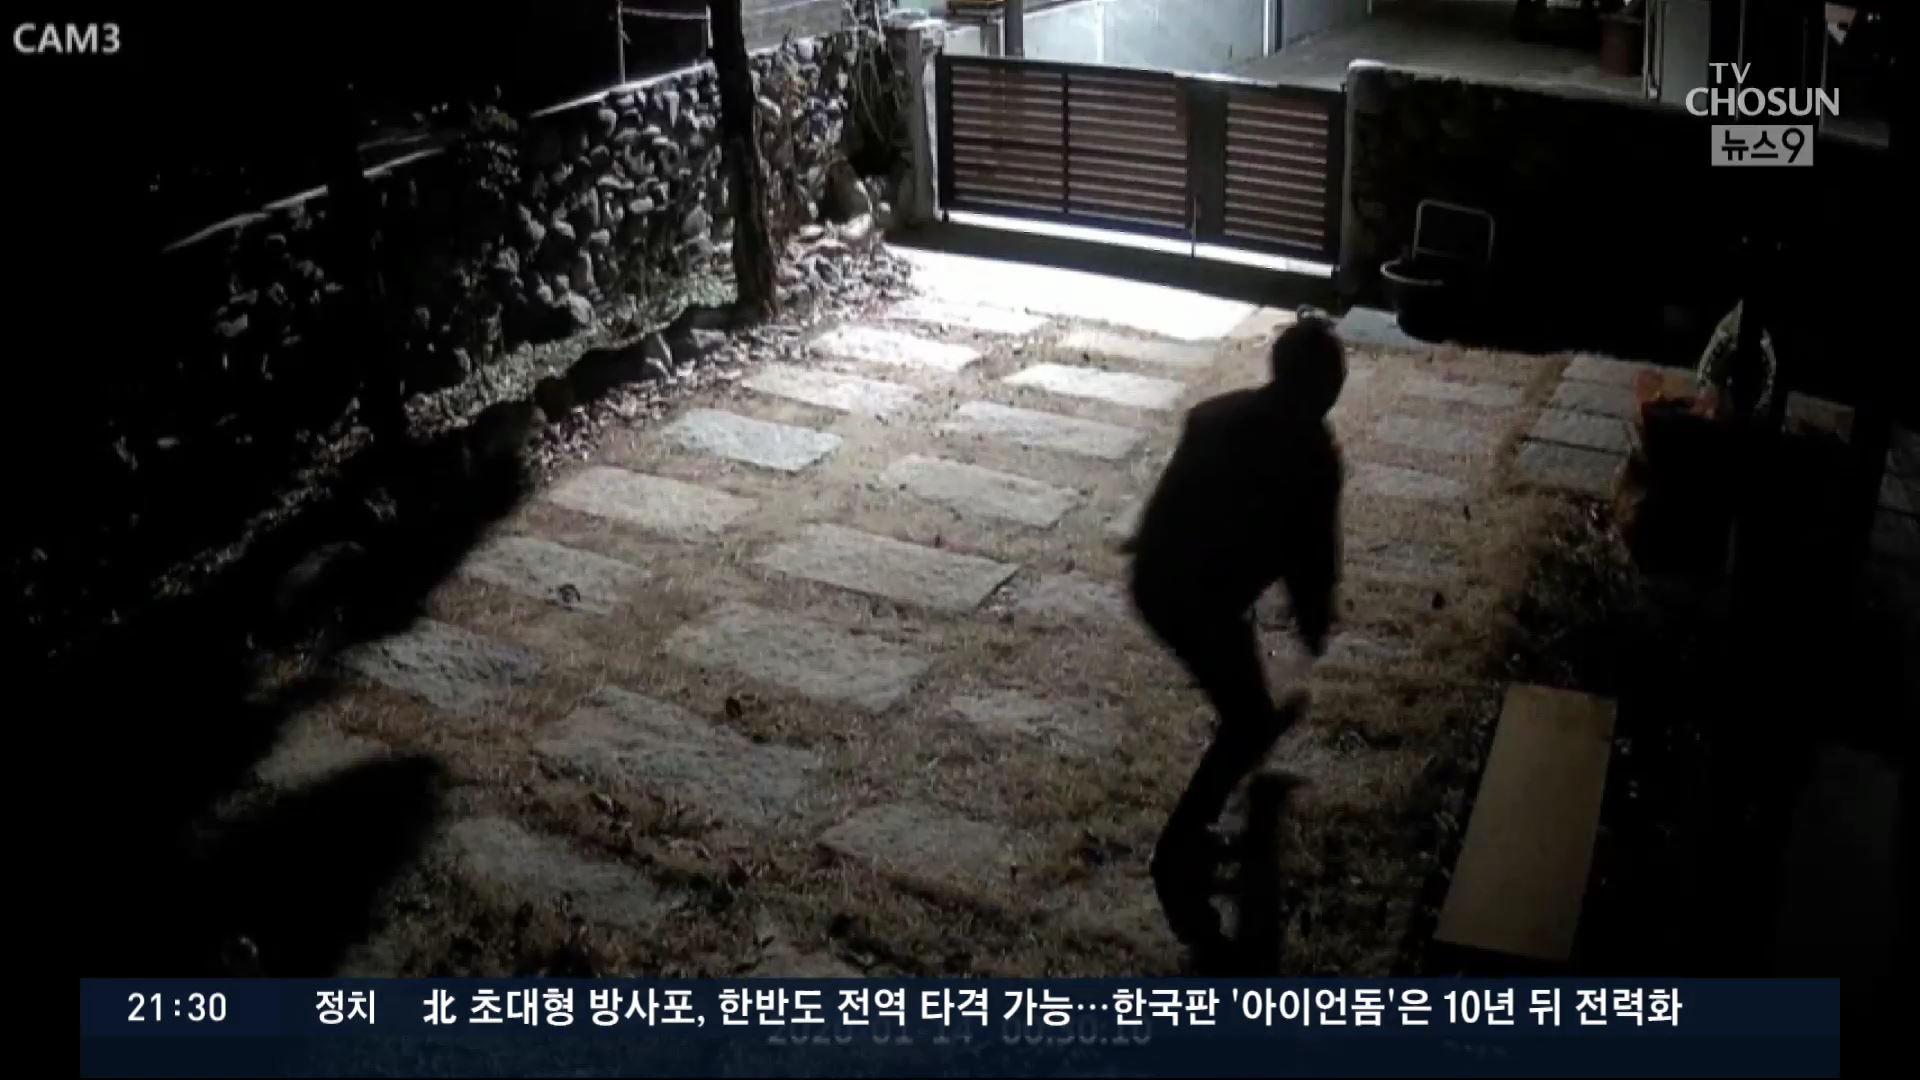 구하라 집 금고 절도사건 CCTV 보니…'면식범 가능성'